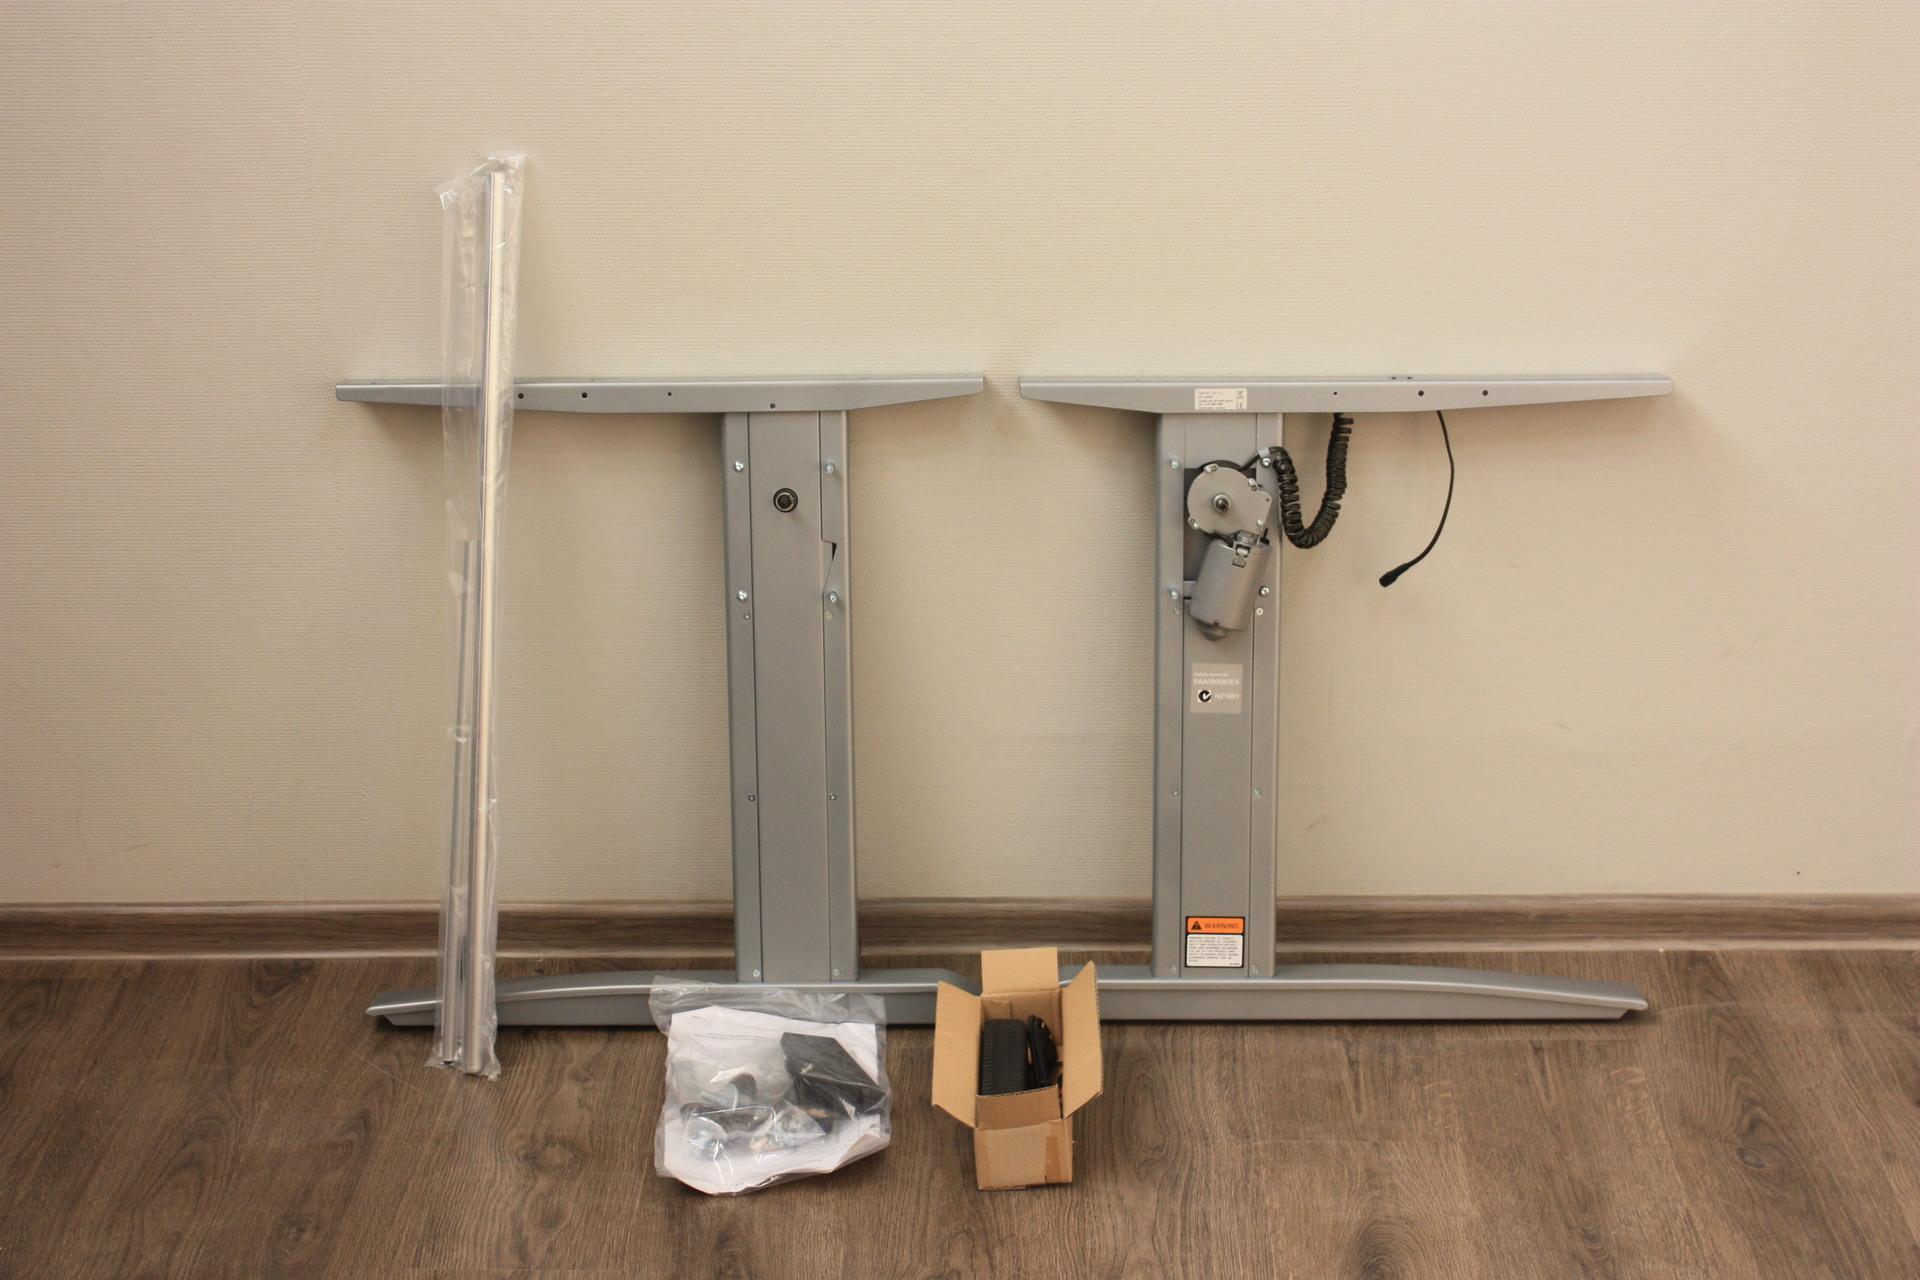 Стол для циркулярной пилы. Своими руками делаем стол для циркулярной пилы 97